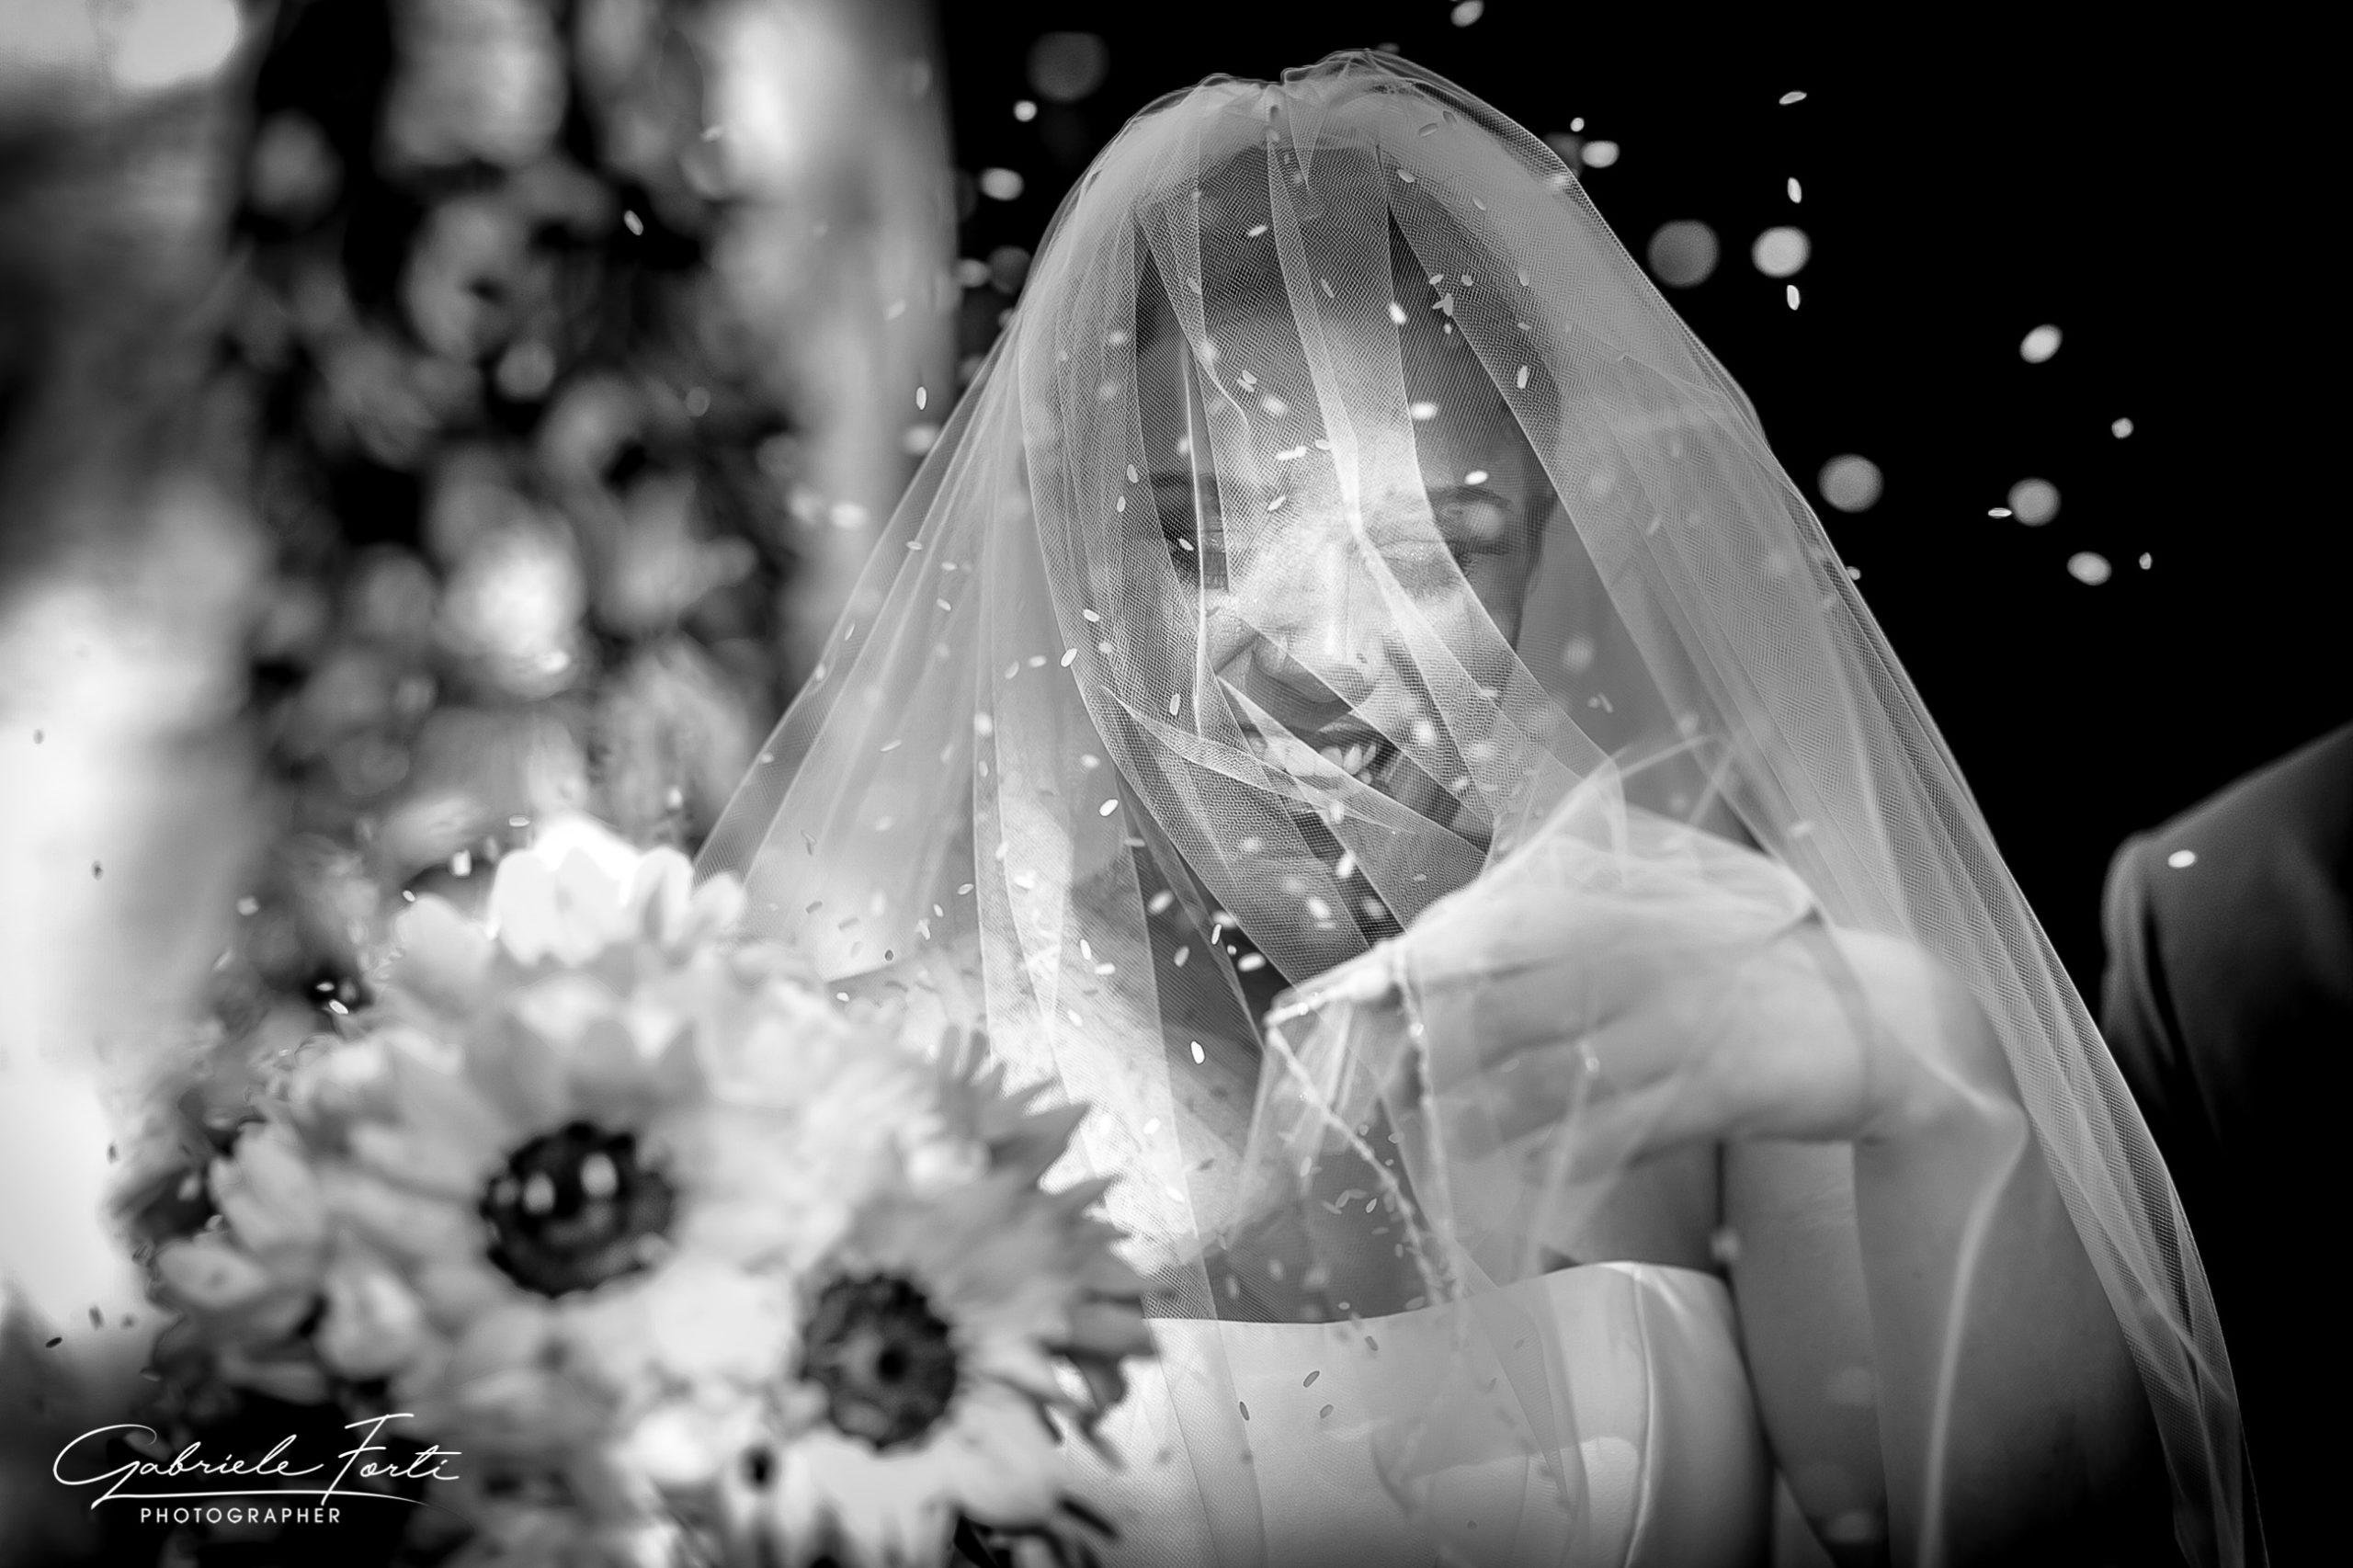 lancio-del-riso-la-rimbecca-toscana-tuscany-foto-forti-wedding